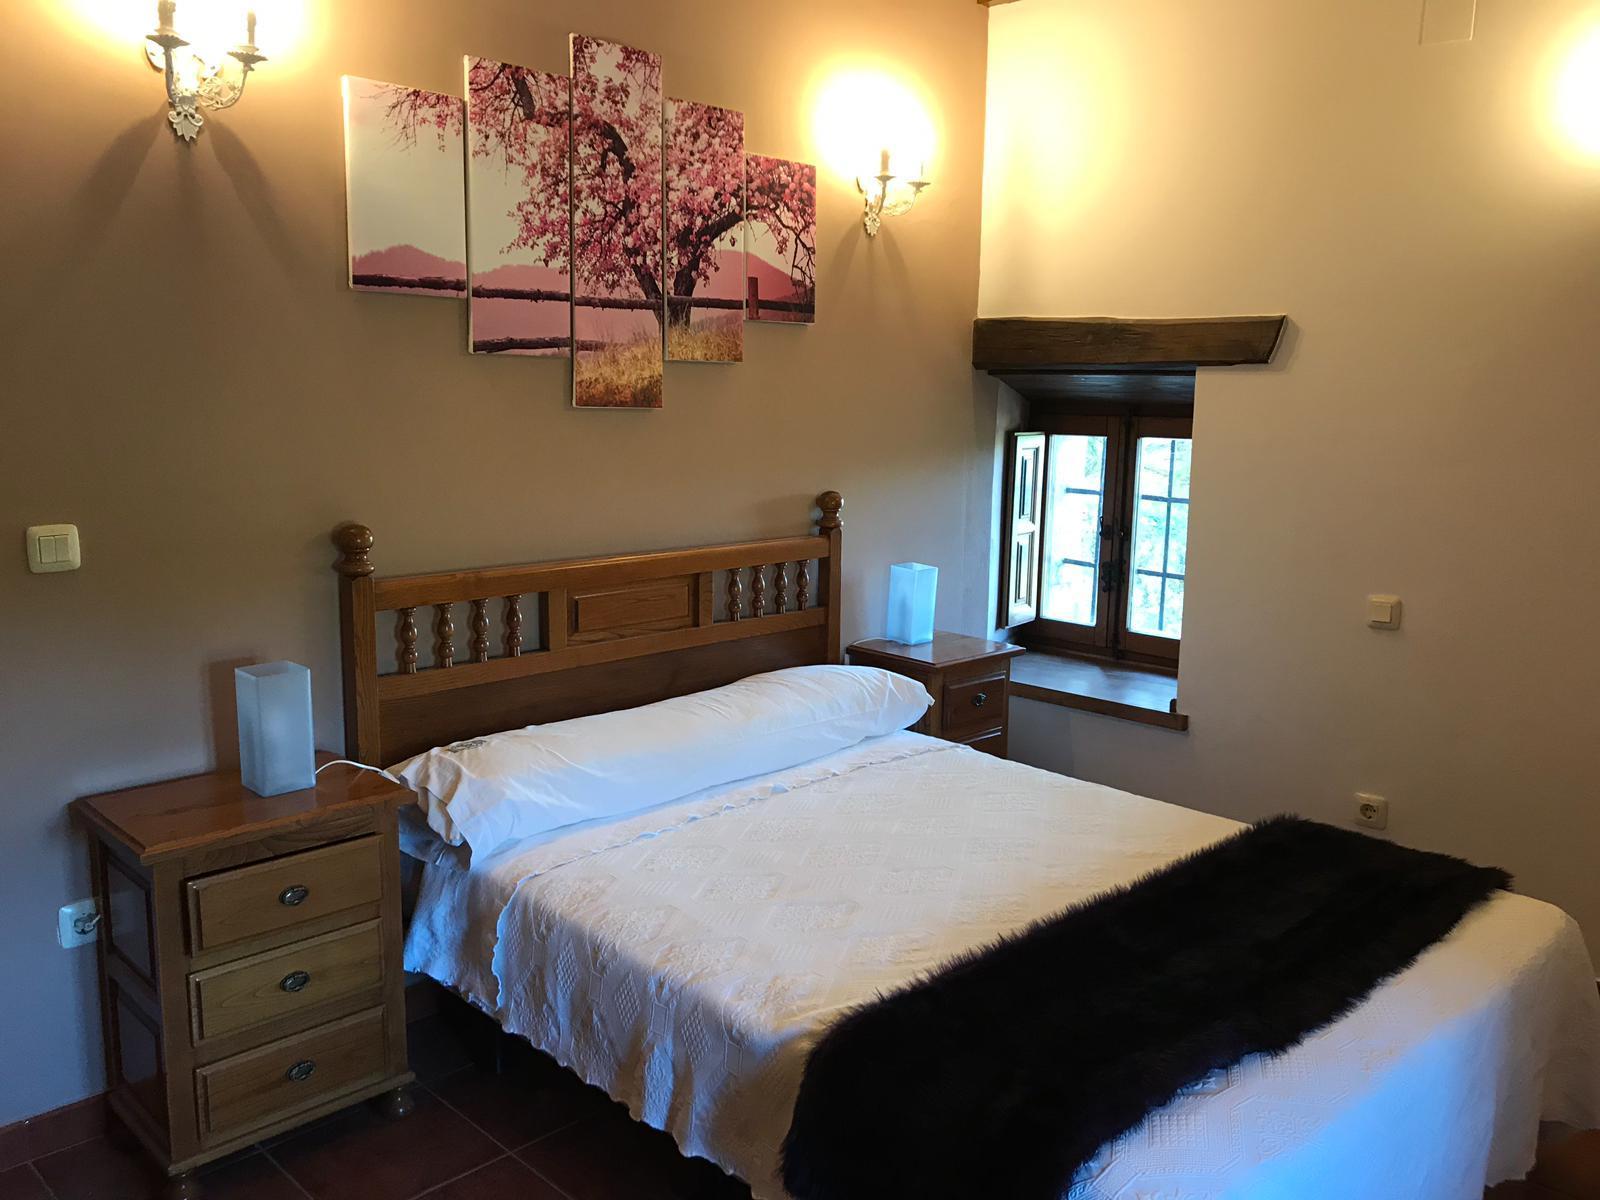 hotel rural-abanillas-cantabria-san vicente-comillas-llanes-asturias-mascotas-desayuno-casa rural (1)